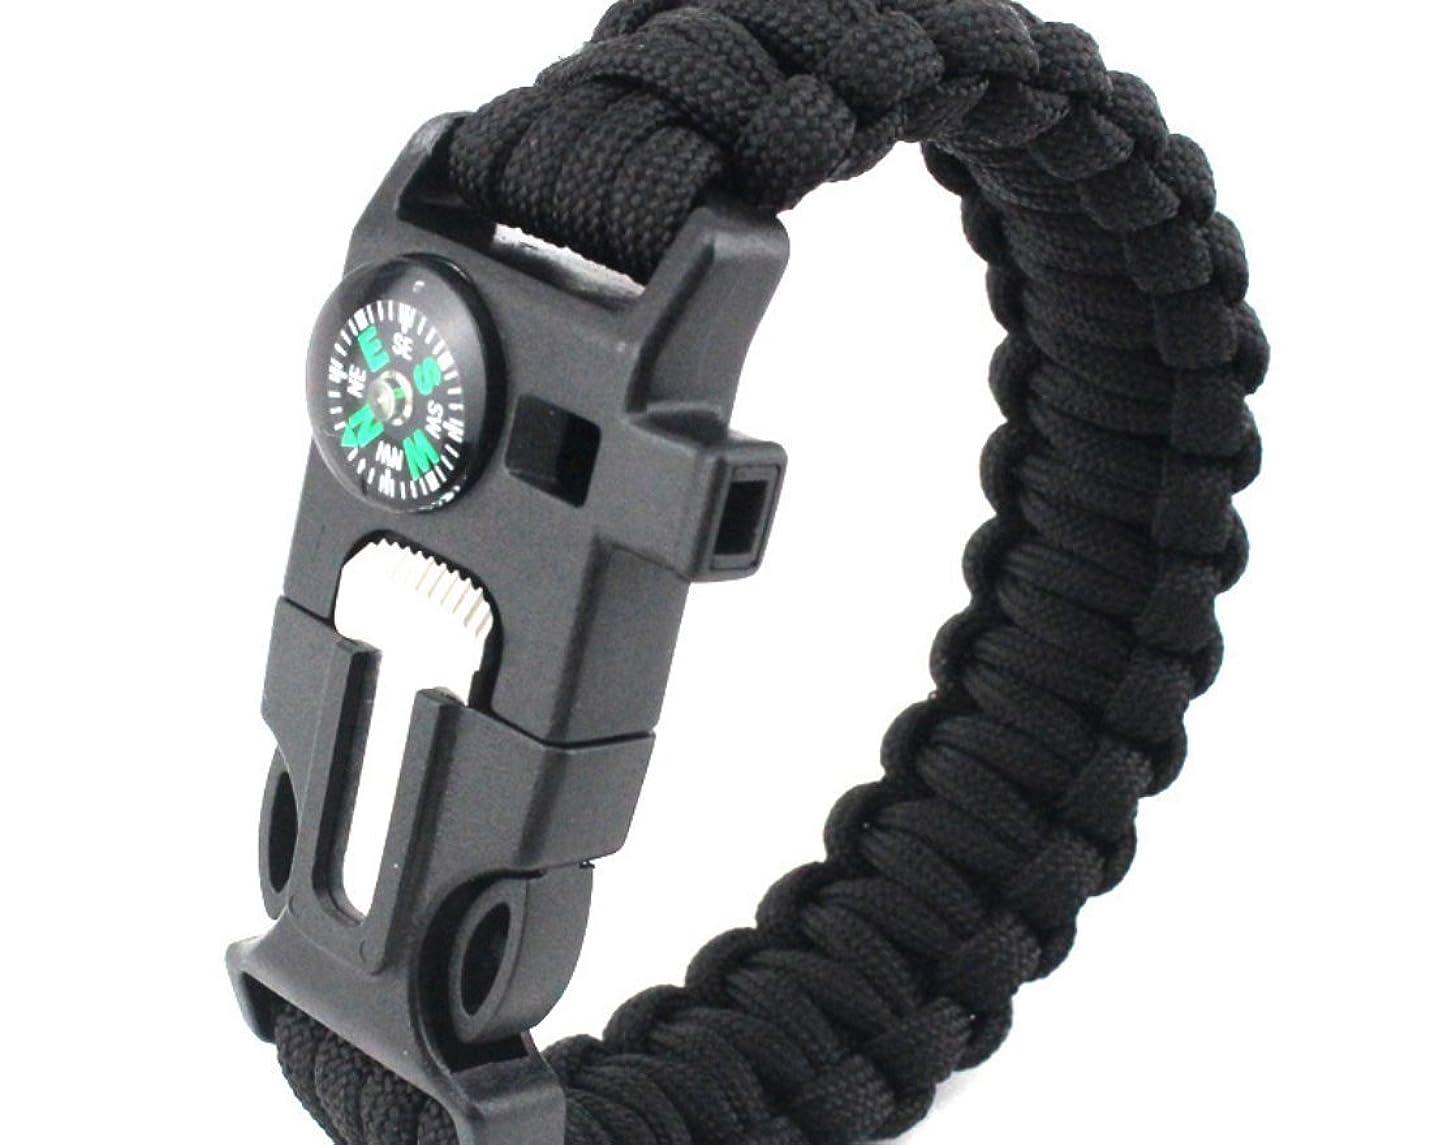 アンペア救援ドレスOYAN サバイバルブレスレット 多機能ブレスレット 笛、火打ち石、コンパス、スクレーパー 安全対策 登山 旅行 防災 救命縄 バックル (ブラック)